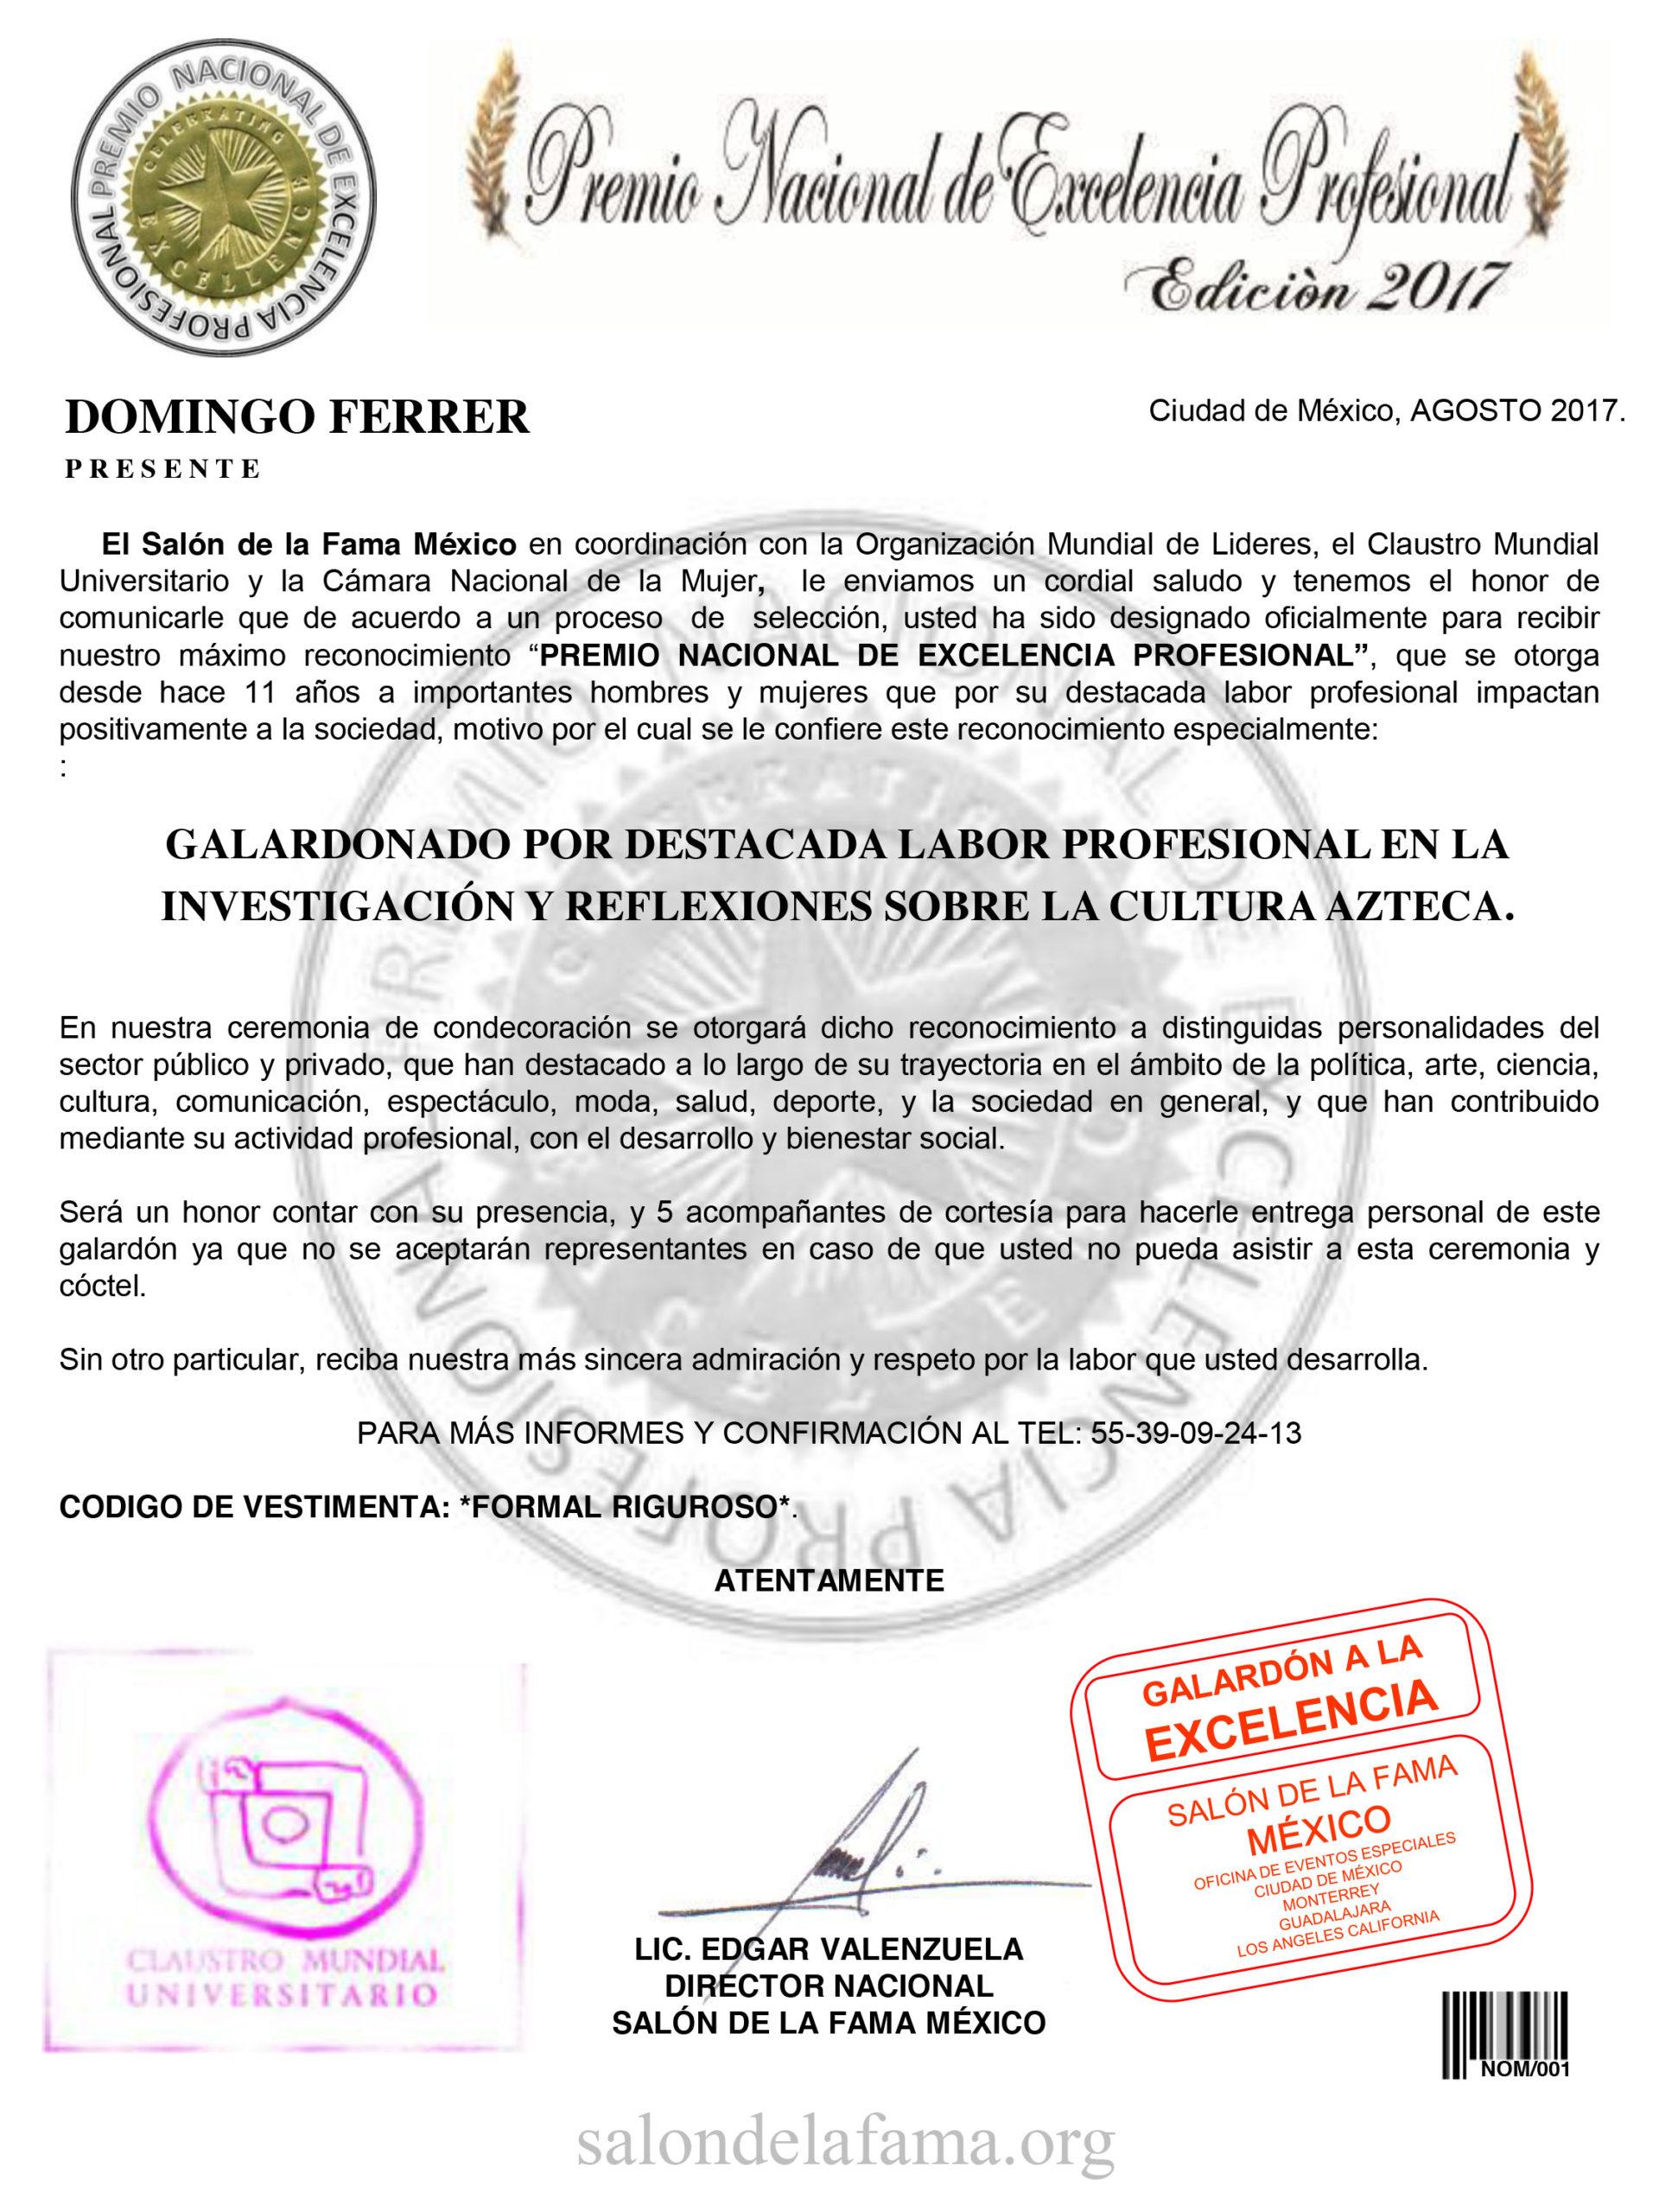 2017-DOMINGO-FERRER-VIVO1-scaled-1.jpg